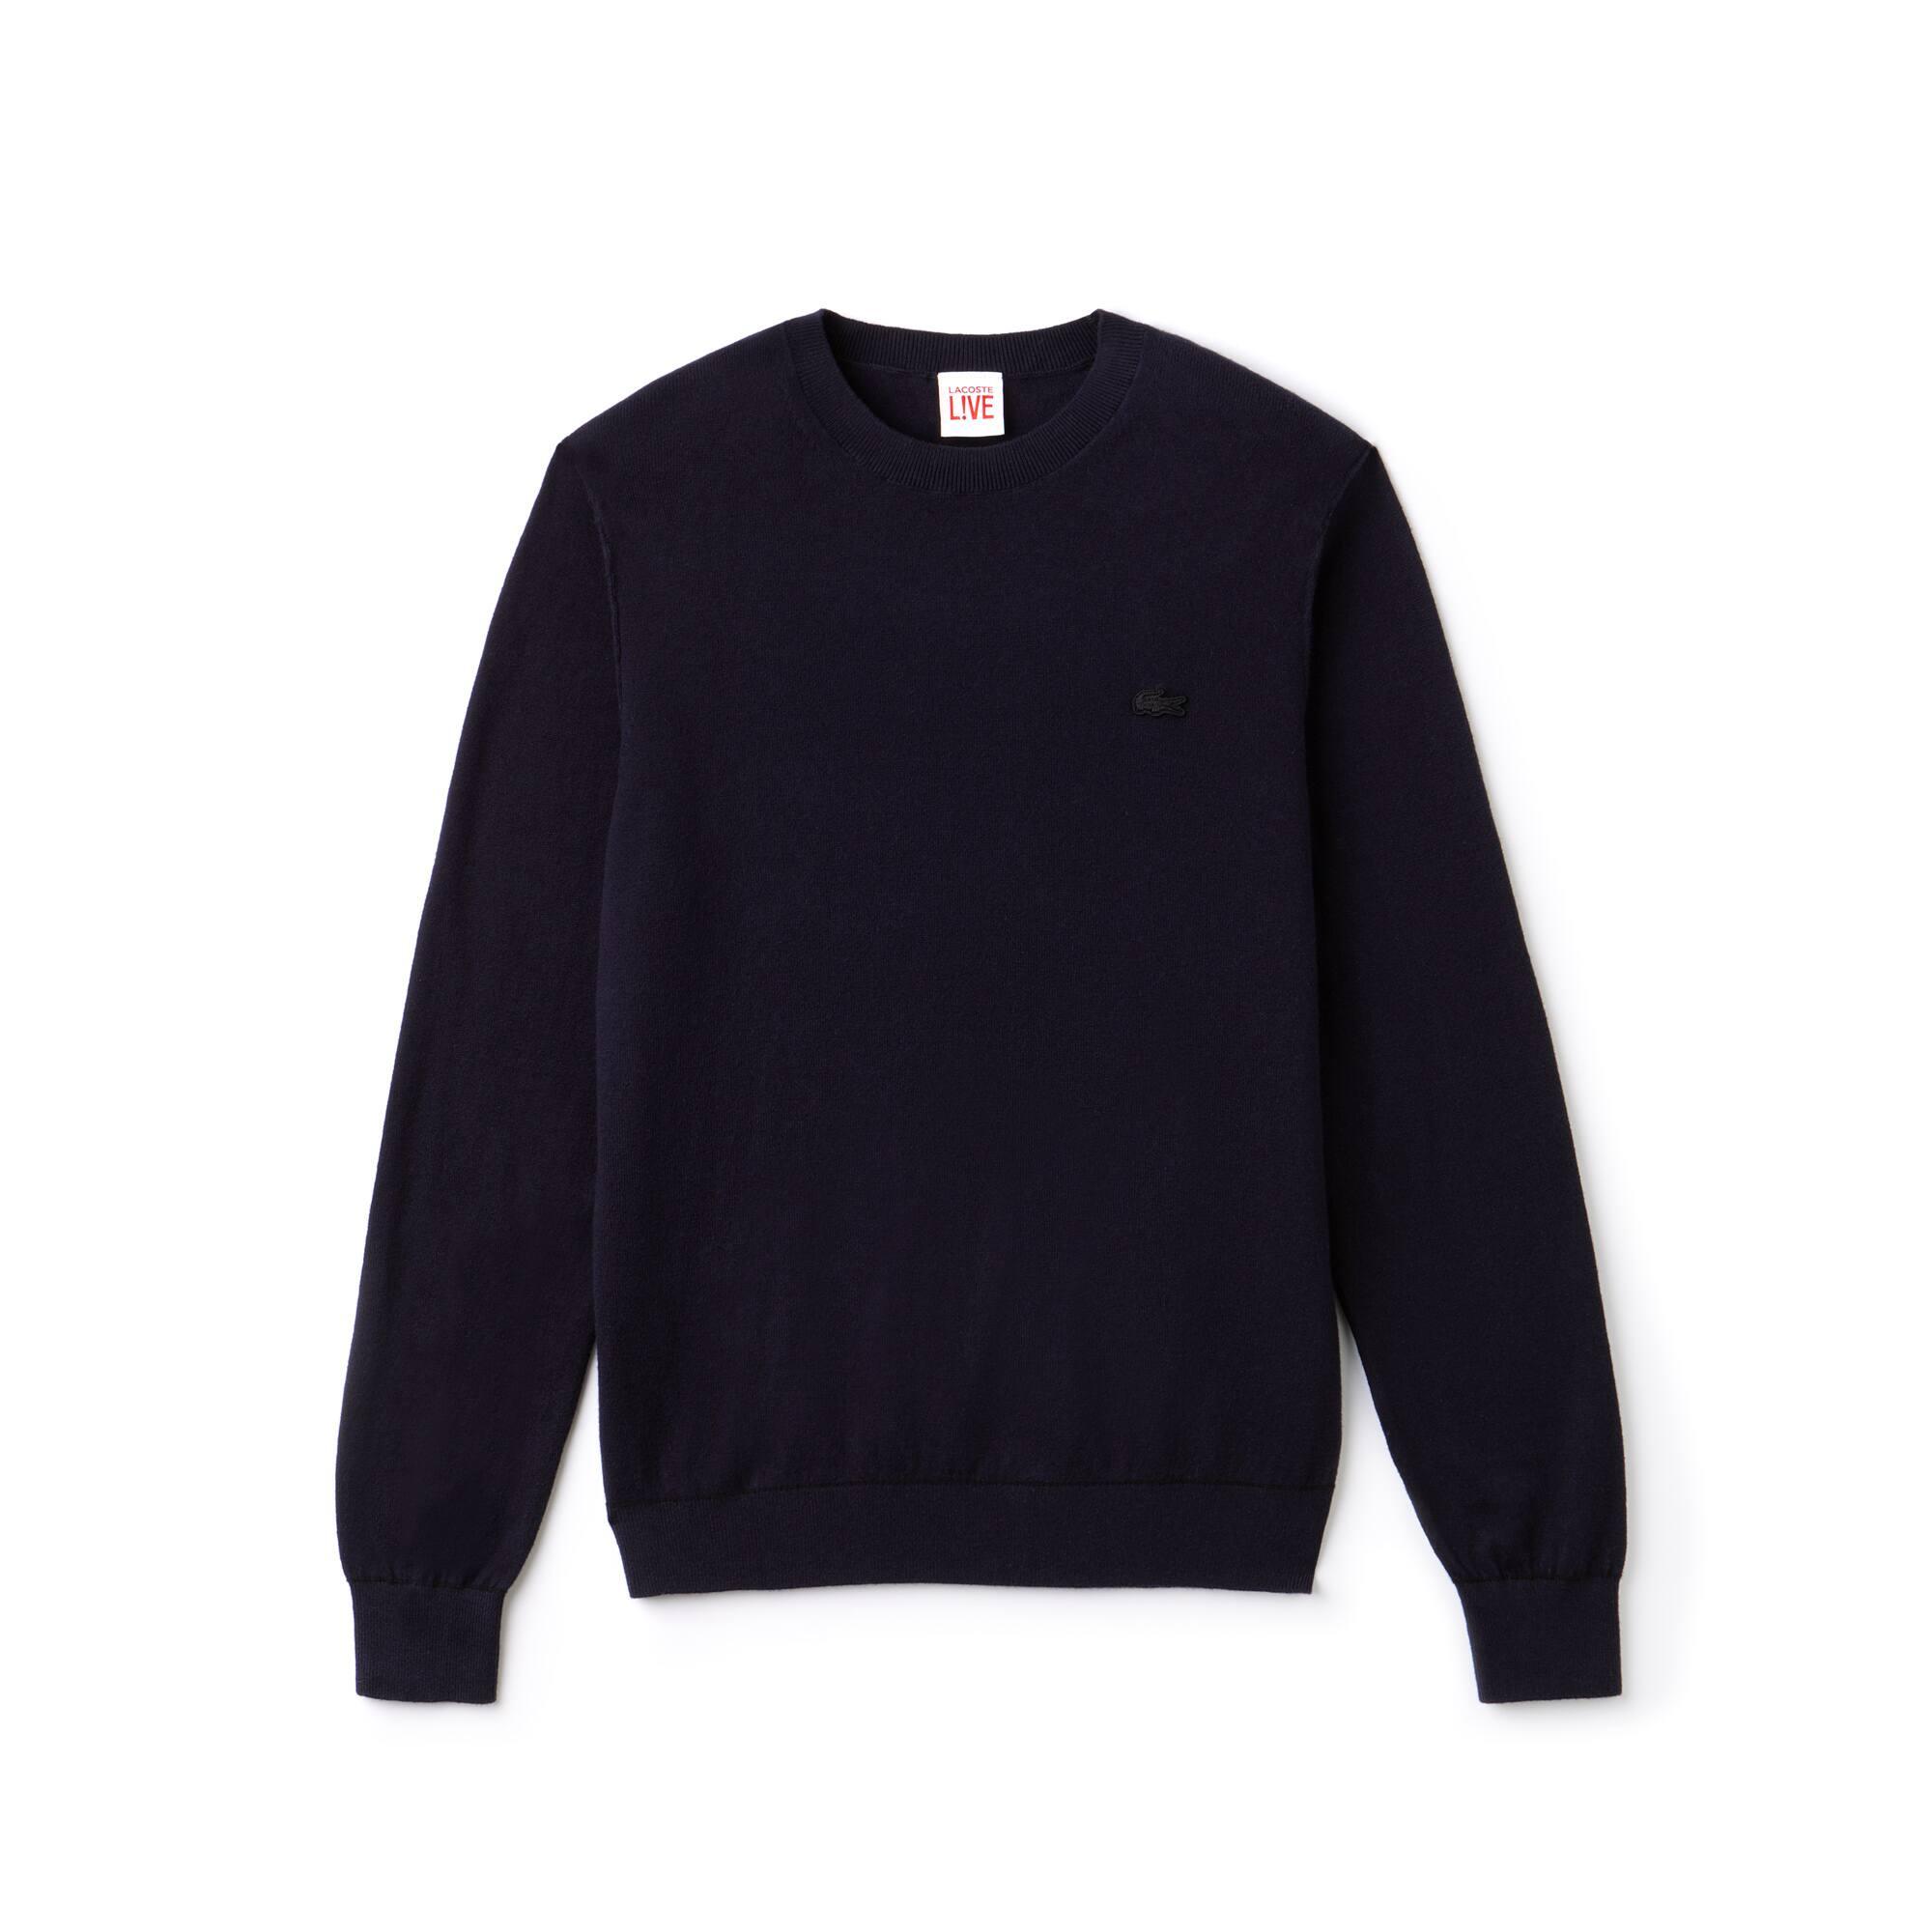 Camisola com decote redondo Lacoste LIVE em jersey de algodão e caxemira com debruado